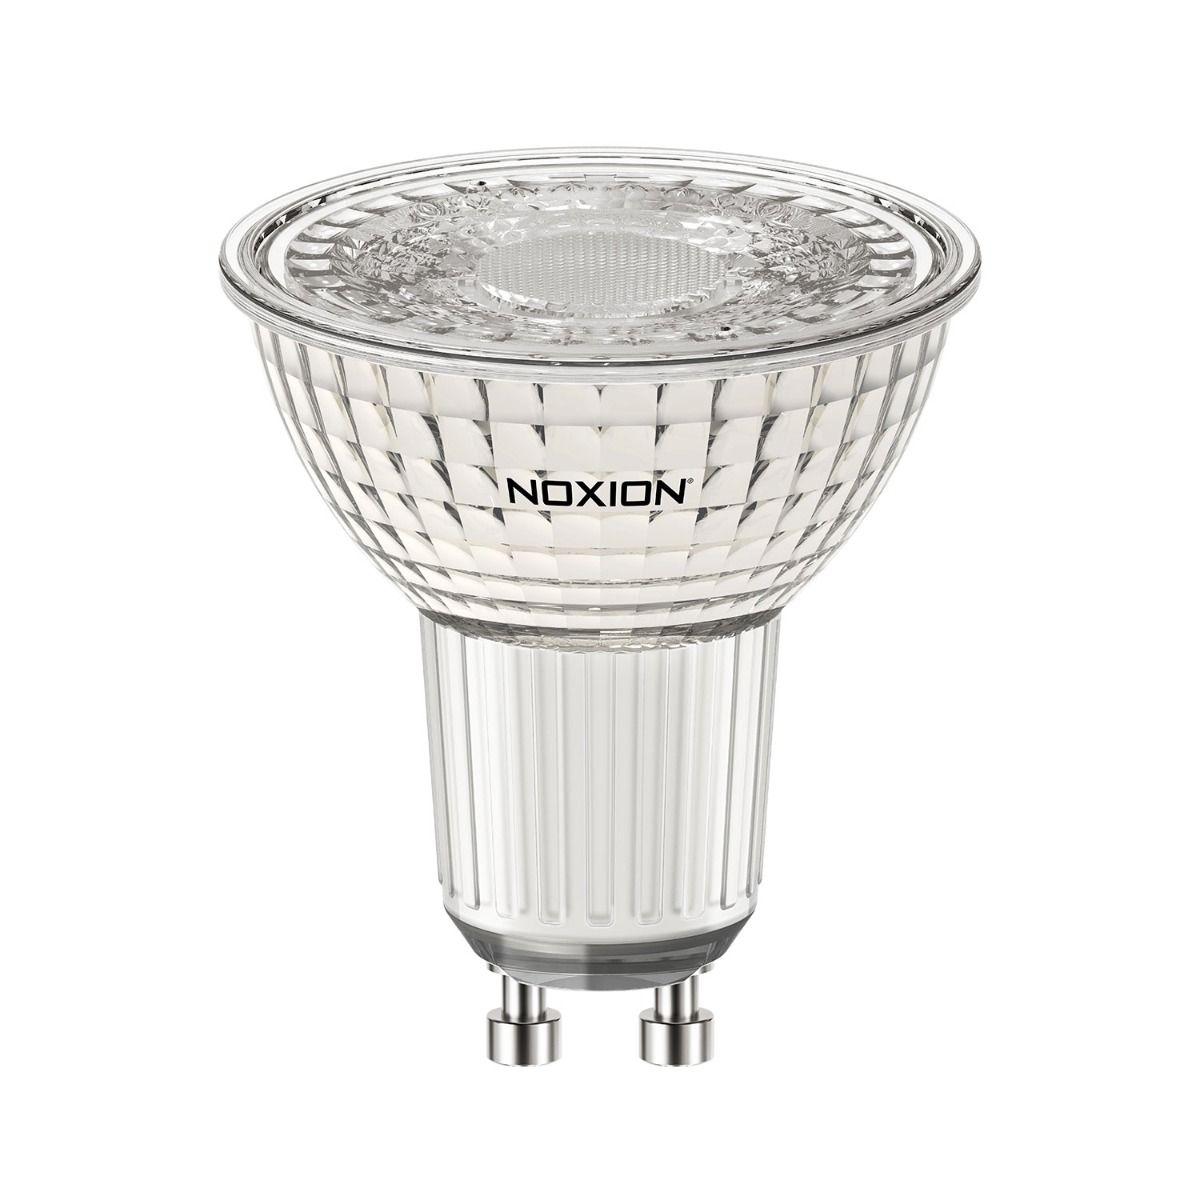 Spot LED Noxion PerfectColor GU10 927 60D   Dimmable   Blanc très chaud   5.5W Équivalent 50W